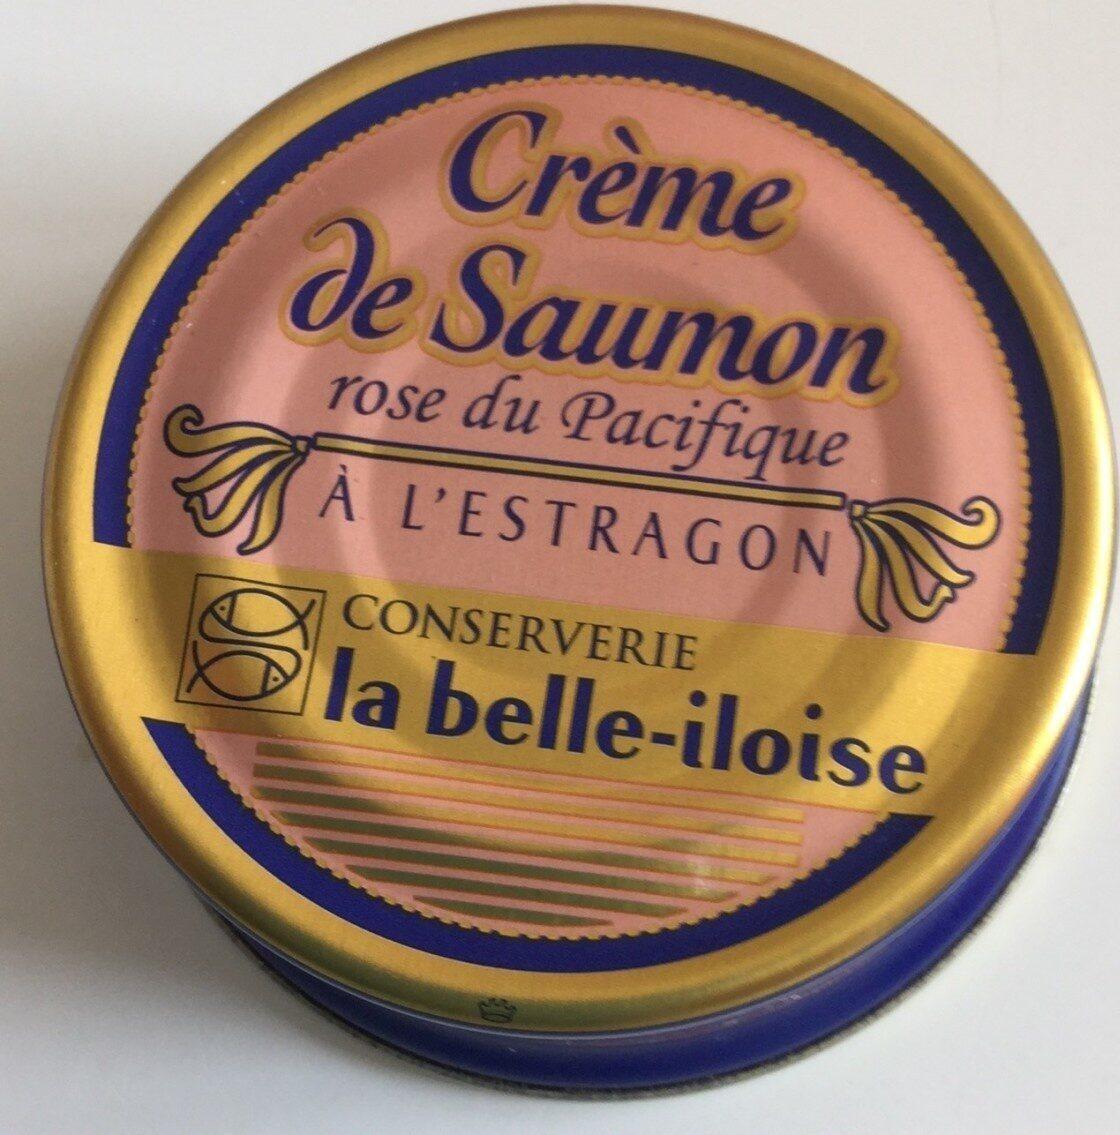 Crème de Saumon rose du Pacifique  à l'estragon - Produit